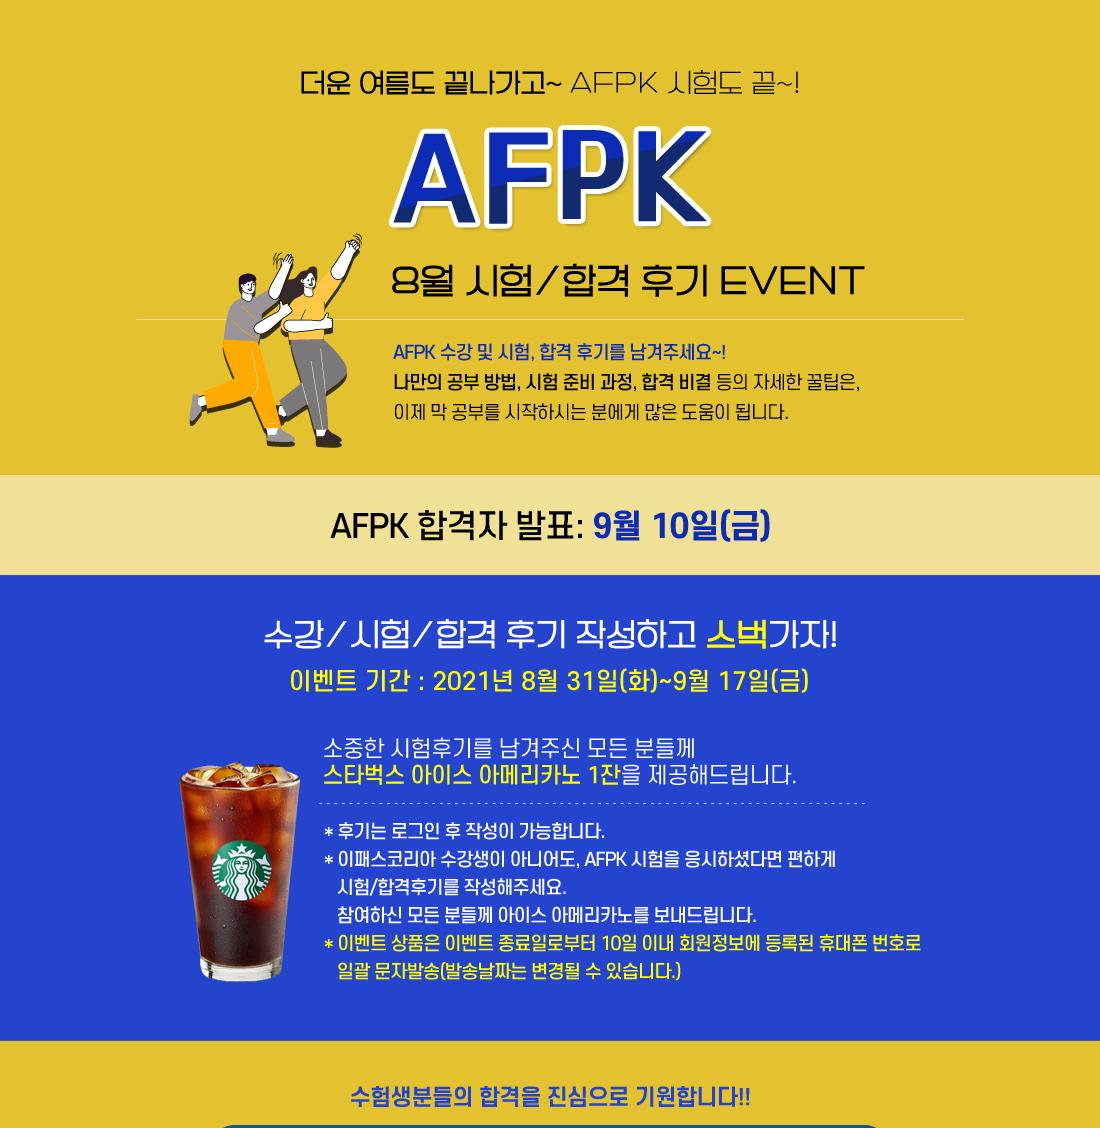 AFPK 후기이벤트